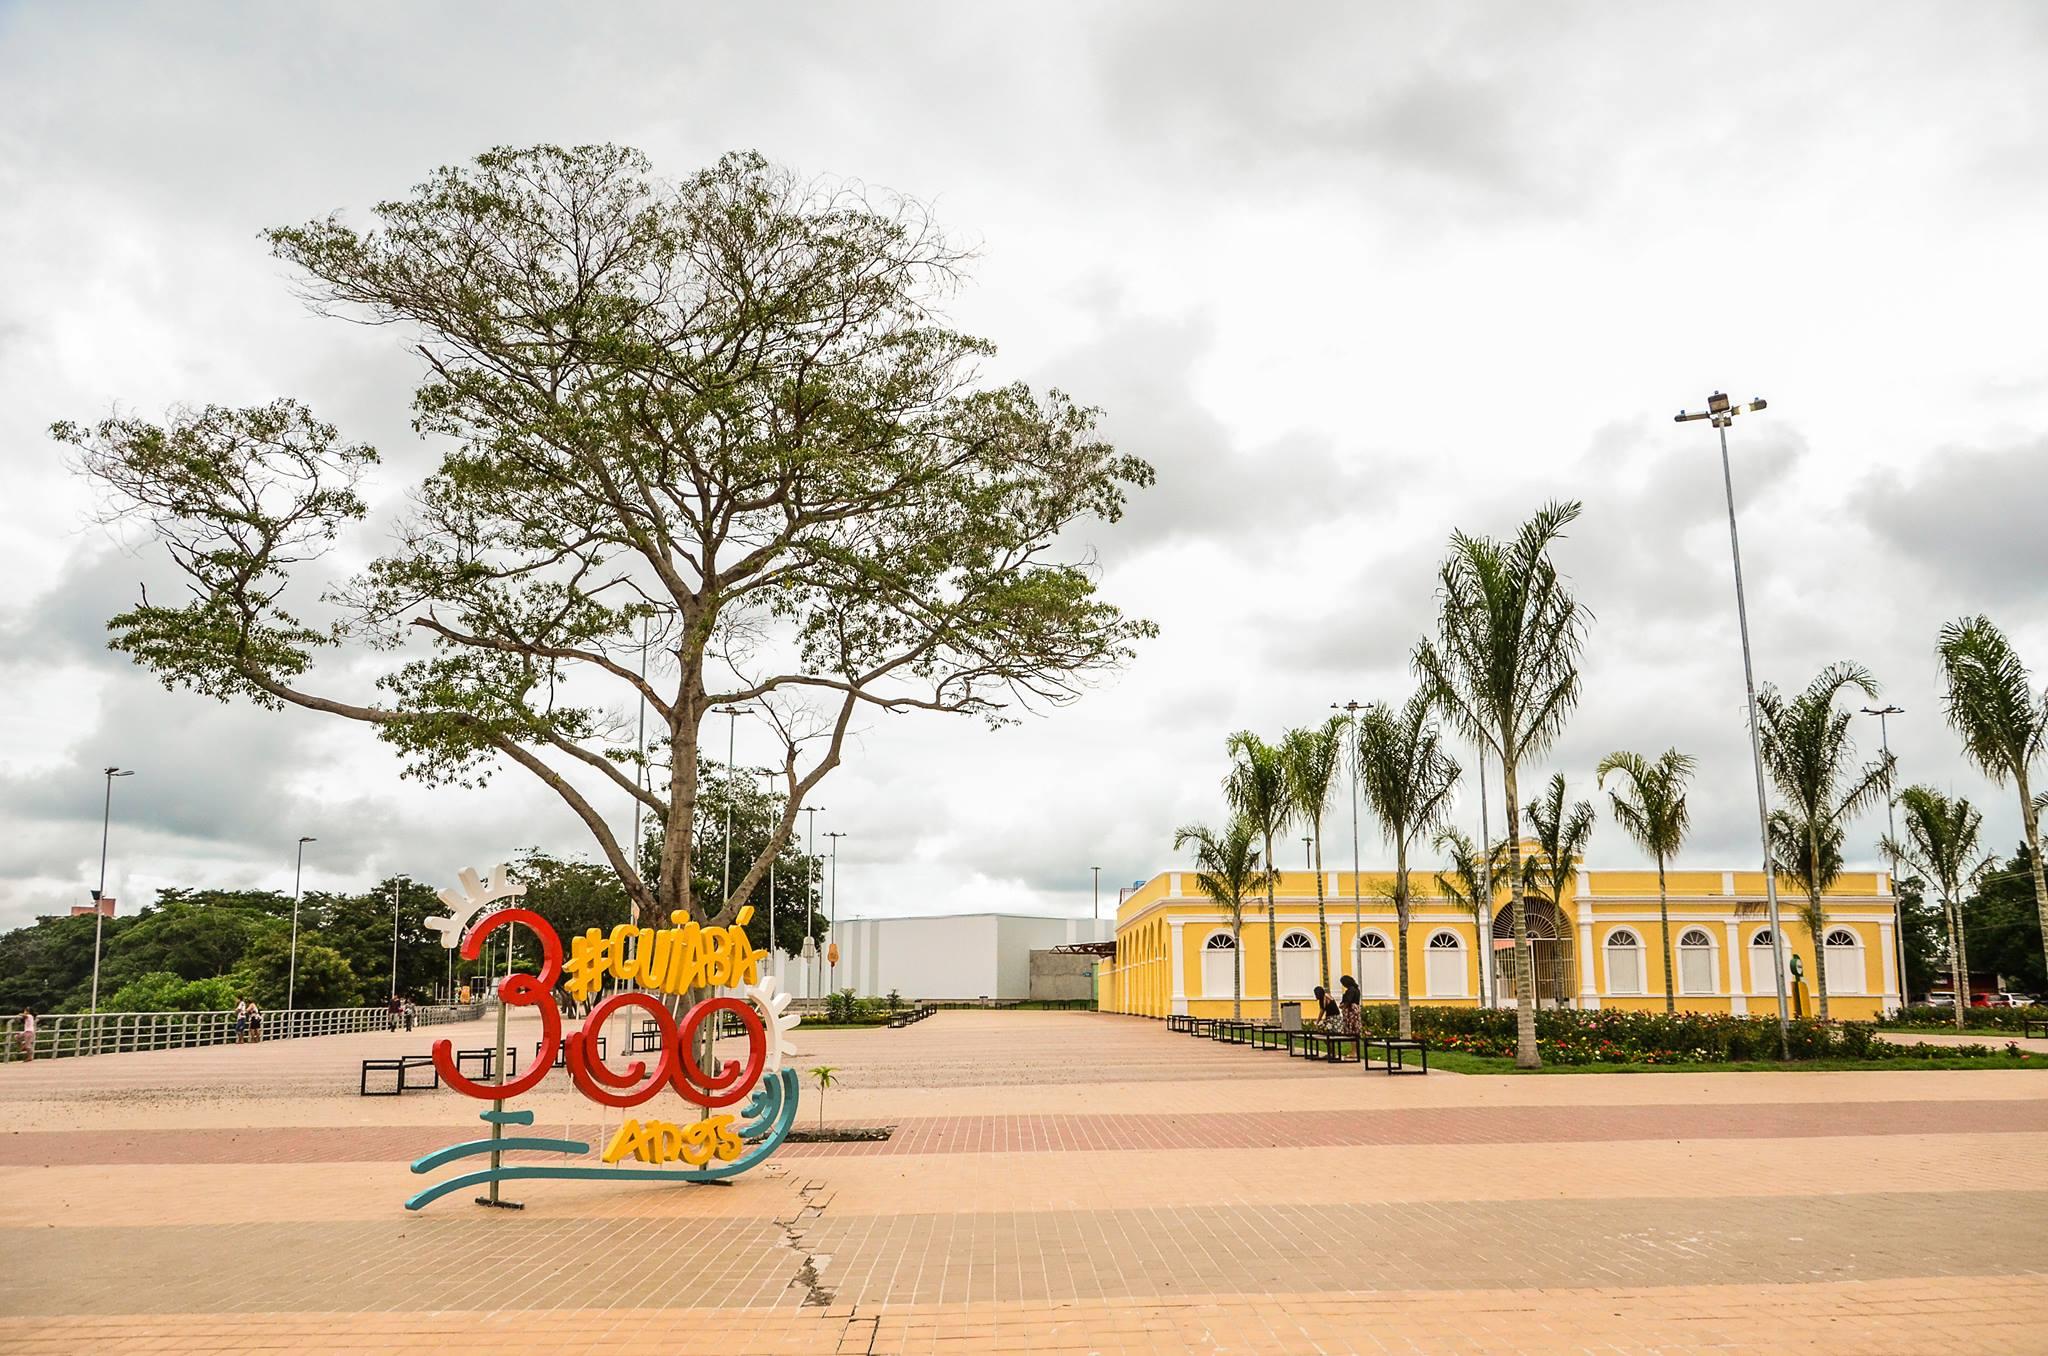 """Primeiro """"Bora Pra Orla"""" terá atividades recreativas, sorteio de brindes e apresentações culturais"""